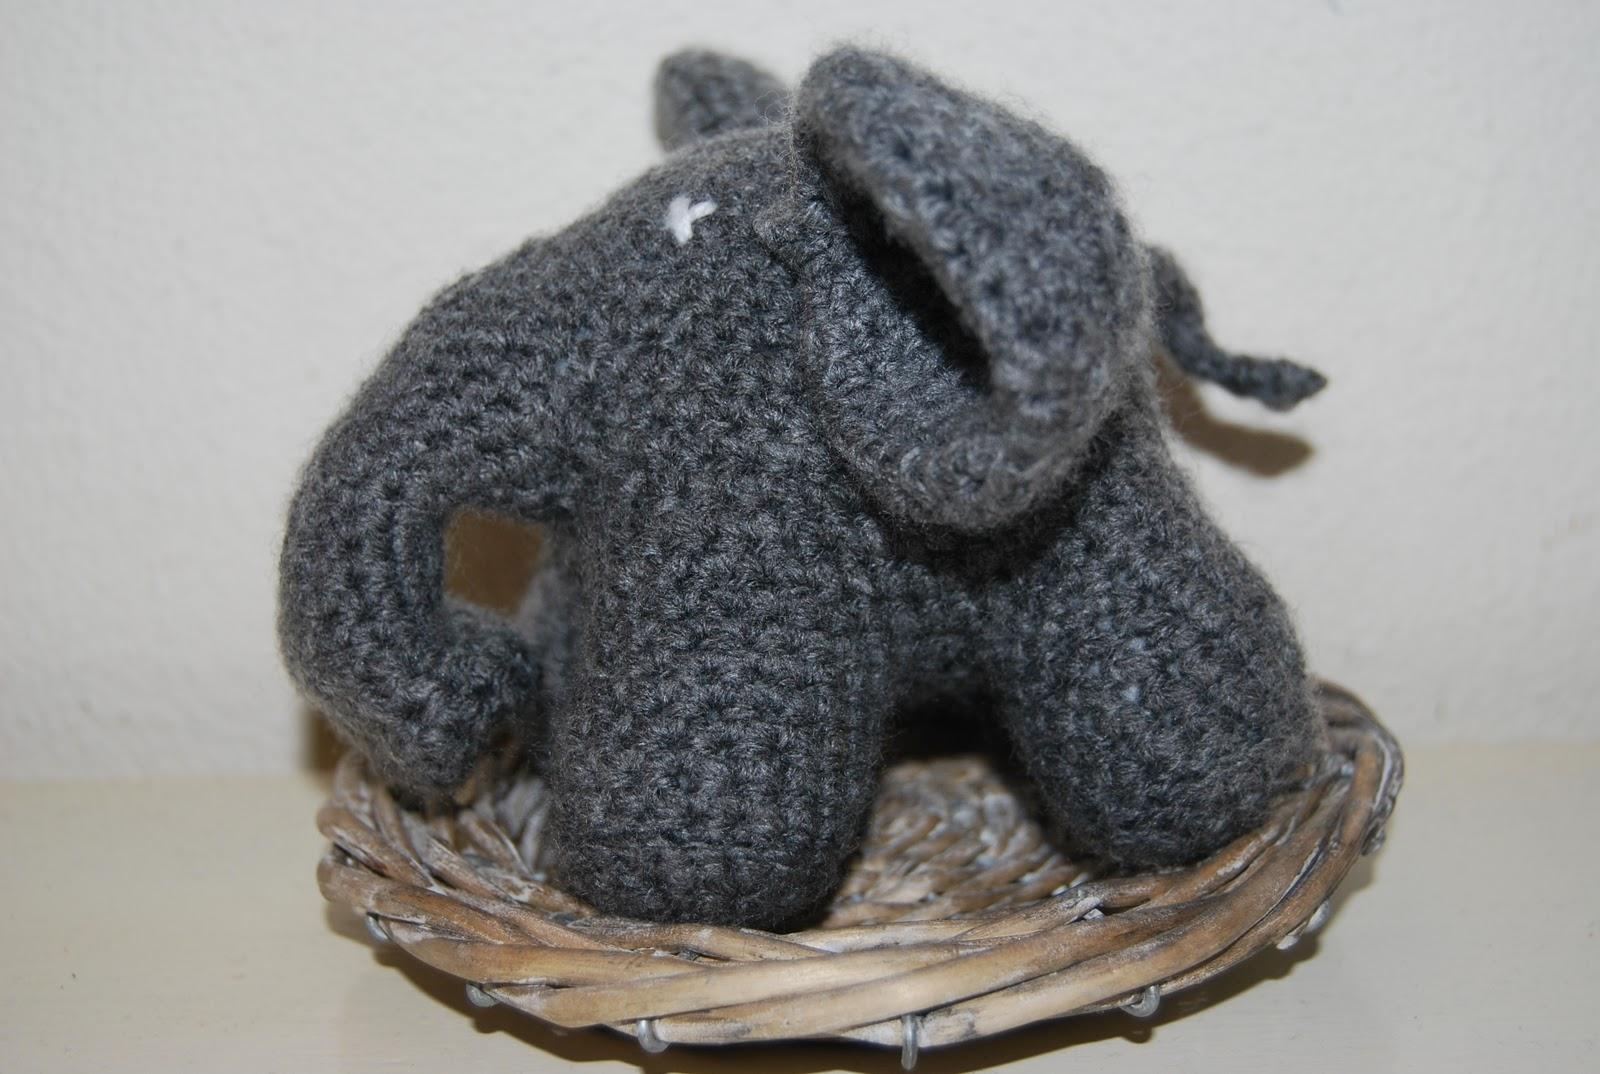 Kleurplaten Baby Olifantjes.Gewicht Baby Olifant Kleurplaten Baby Geboorte Google Zoeken Hoera